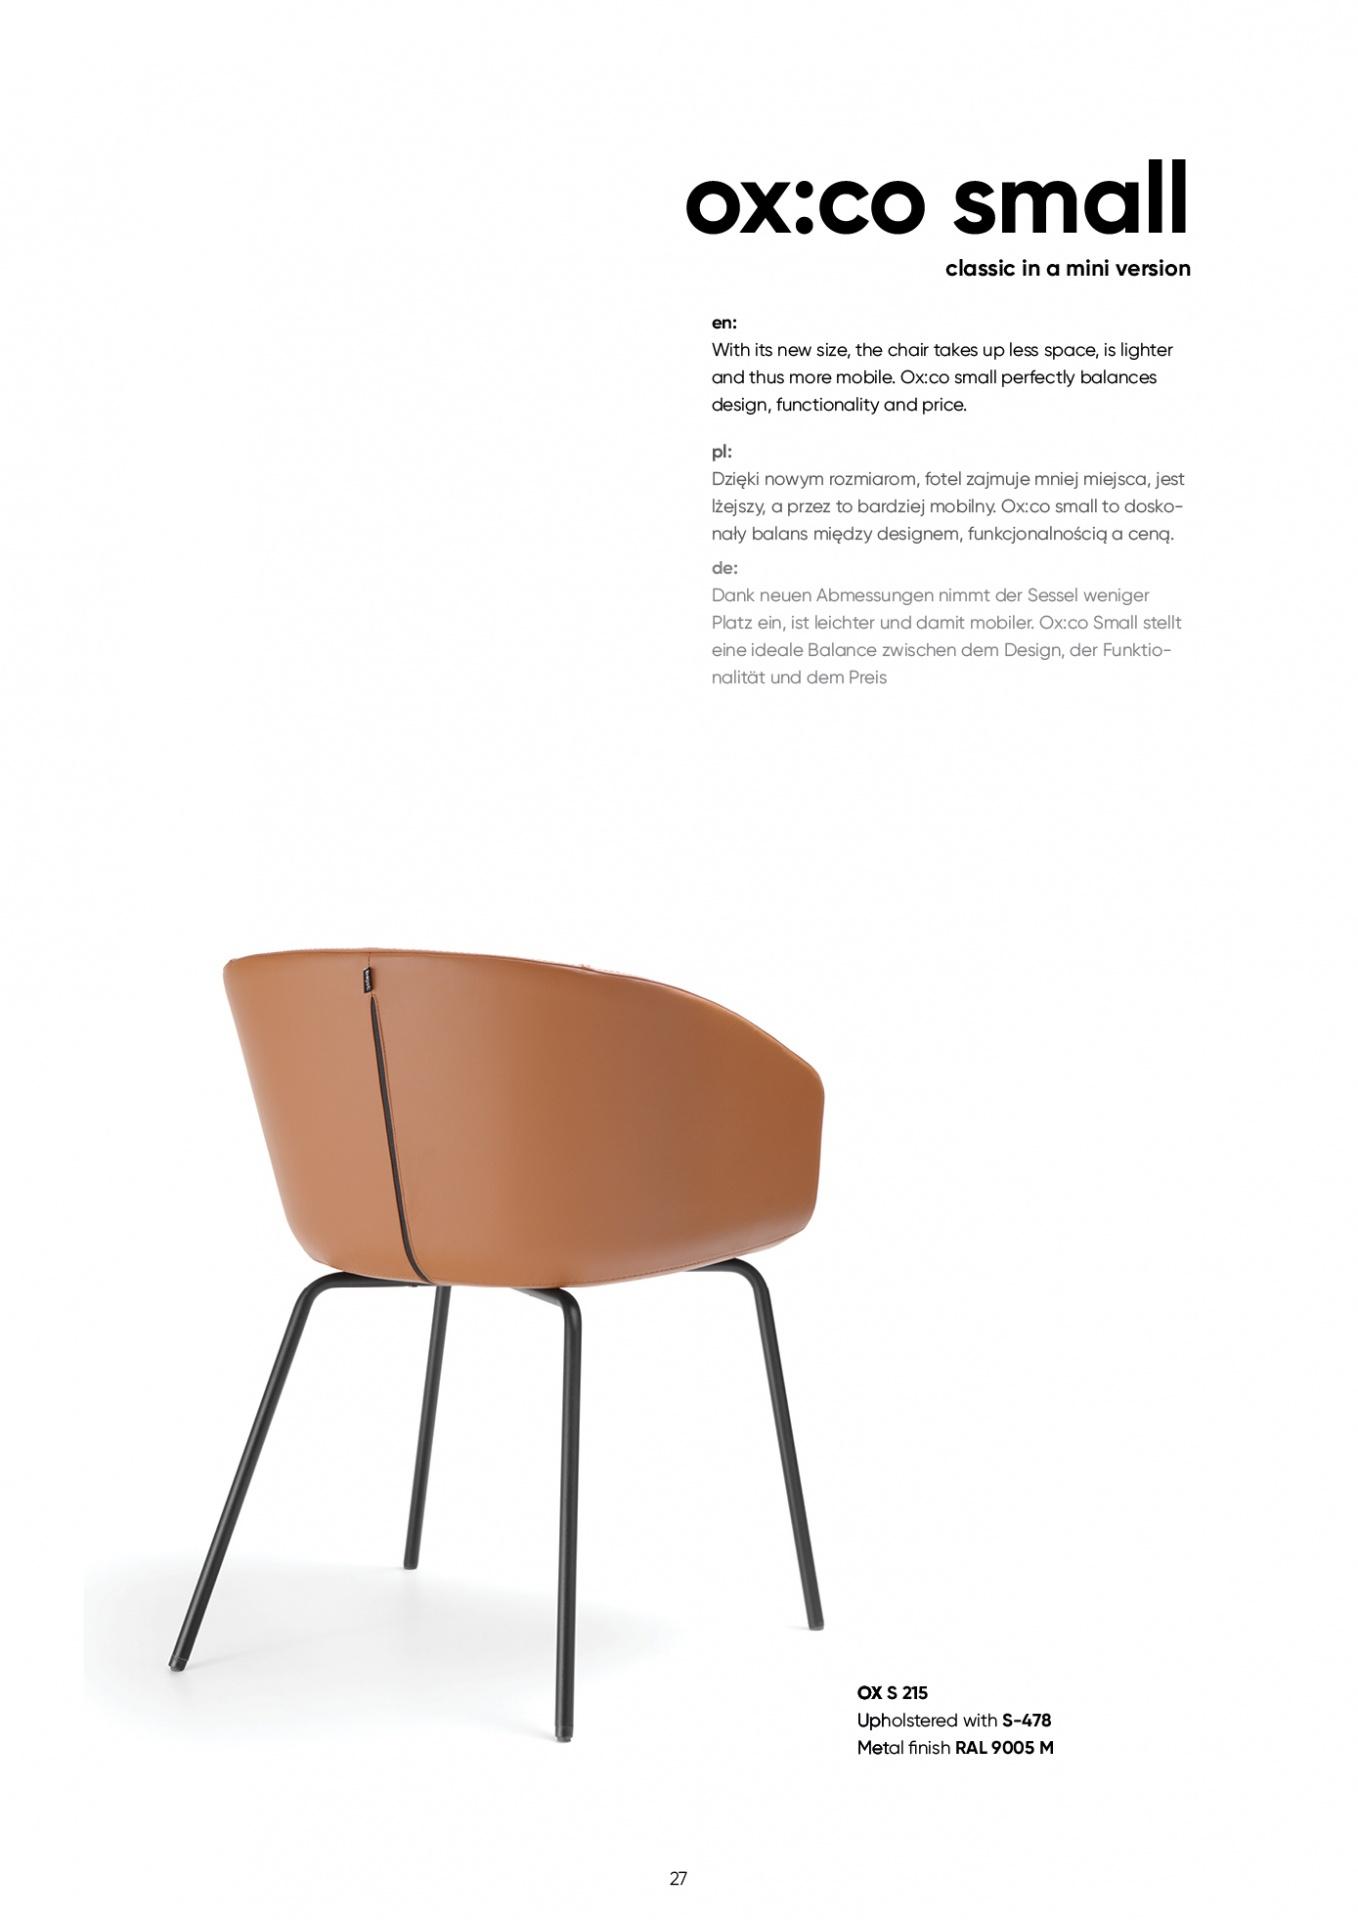 oxco-catalogue-27.jpg